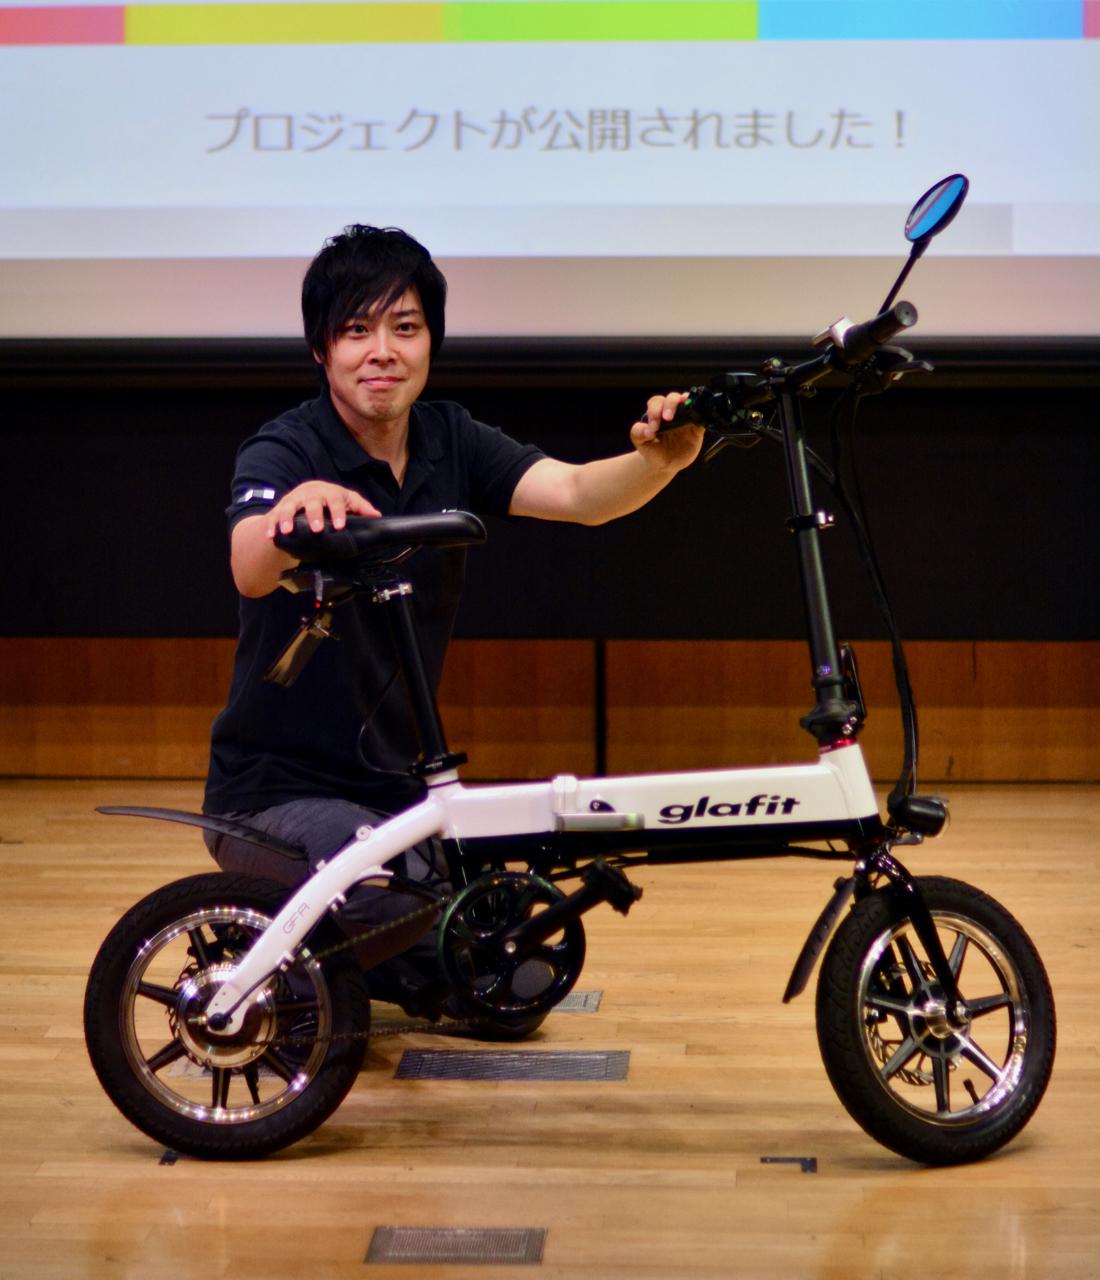 Glafitスマートバイクがクラウドファンディング日本最高額達成、ソニーのwenaを超える